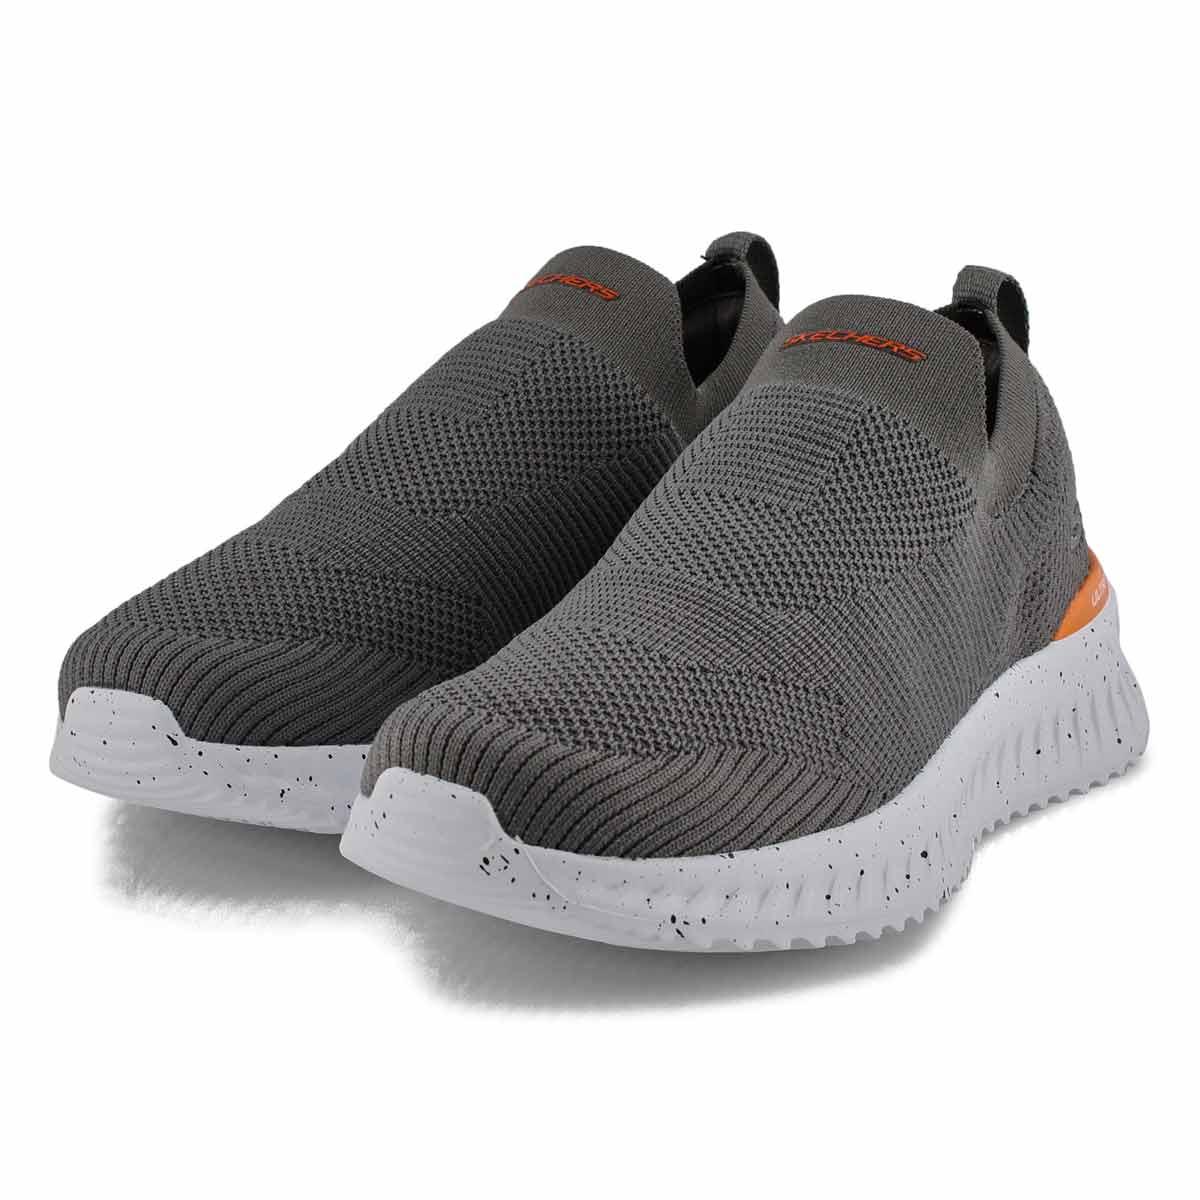 Men's Matera 2.0 Sneakers - Grey